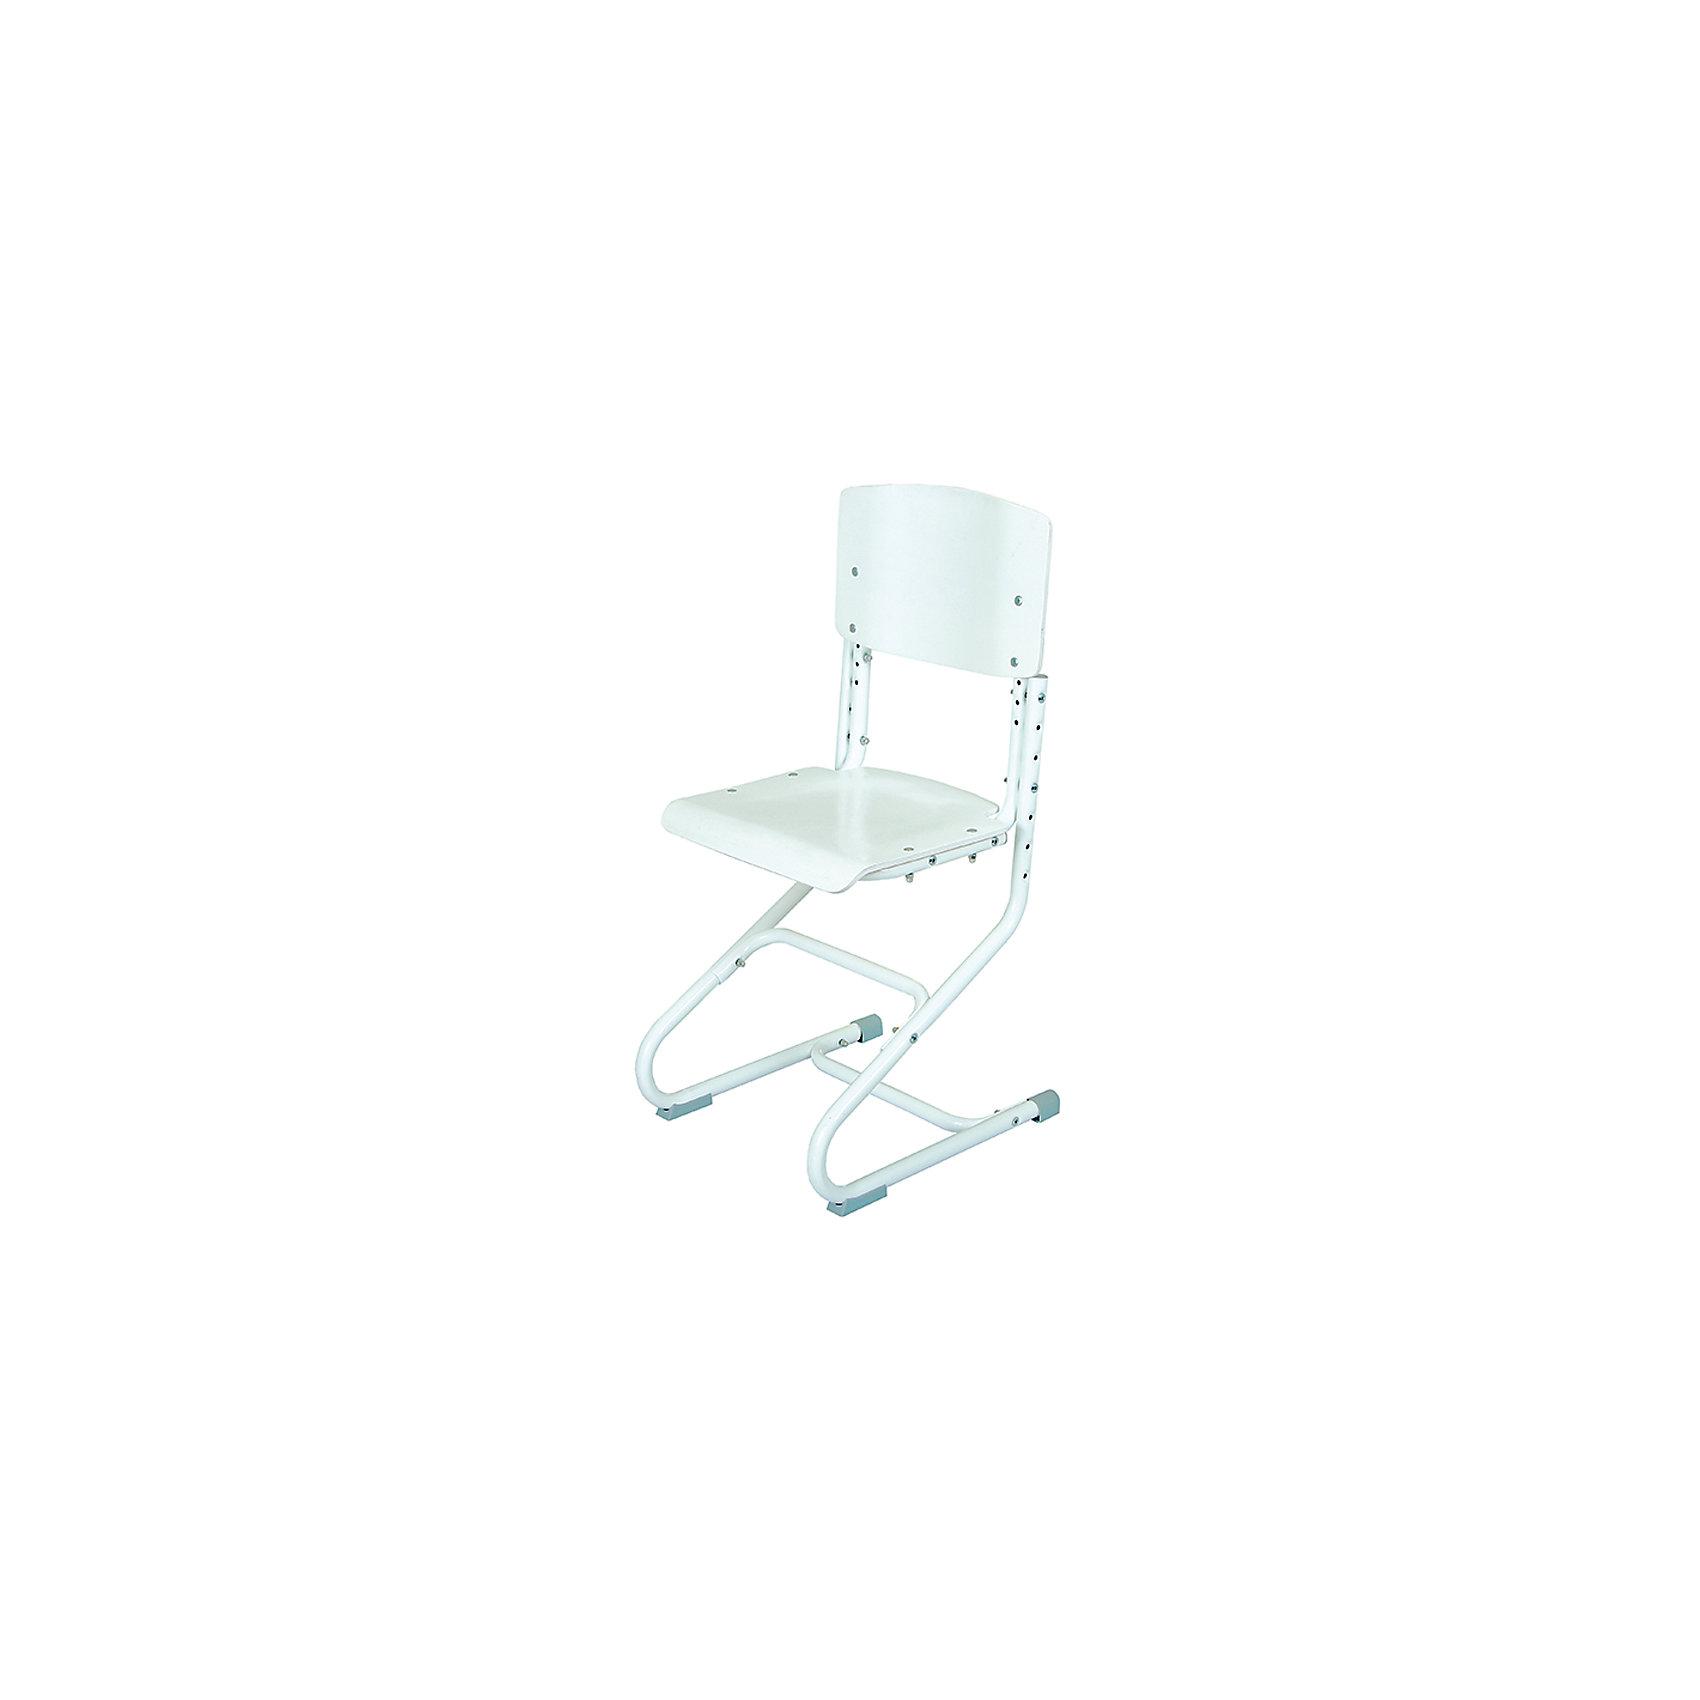 Стул универсальный СУТ.01-01, Дэми, белыйМебель<br>Стул универсальный СУТ.01-01, Дэми, белый – эргономичный стул для детей от 3 лет.<br>Высота ножек, положение сидения, наклон спинки регулируются, поэтому стул будет «расти» вместе с ребенком. Модель выполнена из прочного металла и фанеры, поэтому служить такой стул будет долгие годы. Регулируемая спинка также дополнительно помогает ребенку в поддержании красивой и здоровой осанки. Стул не теряет внешний вид спустя время и не требует особо ухода. <br><br>Дополнительная информация: <br><br>Высота сидения стула - 34,5-44,5 см<br>Глубина сидения стула - 31-34,5 см<br>Ширина сидения стула - 40 см <br>Вес: 7 кг<br>Материал: фанера, металл<br>Цвет: белый<br><br>Стул универсальный СУТ.01-01, Дэми, белый можно купить в нашем интернет магазине.<br><br>Ширина мм: 830<br>Глубина мм: 680<br>Высота мм: 133<br>Вес г: 2700<br>Возраст от месяцев: 48<br>Возраст до месяцев: 216<br>Пол: Унисекс<br>Возраст: Детский<br>SKU: 4950275